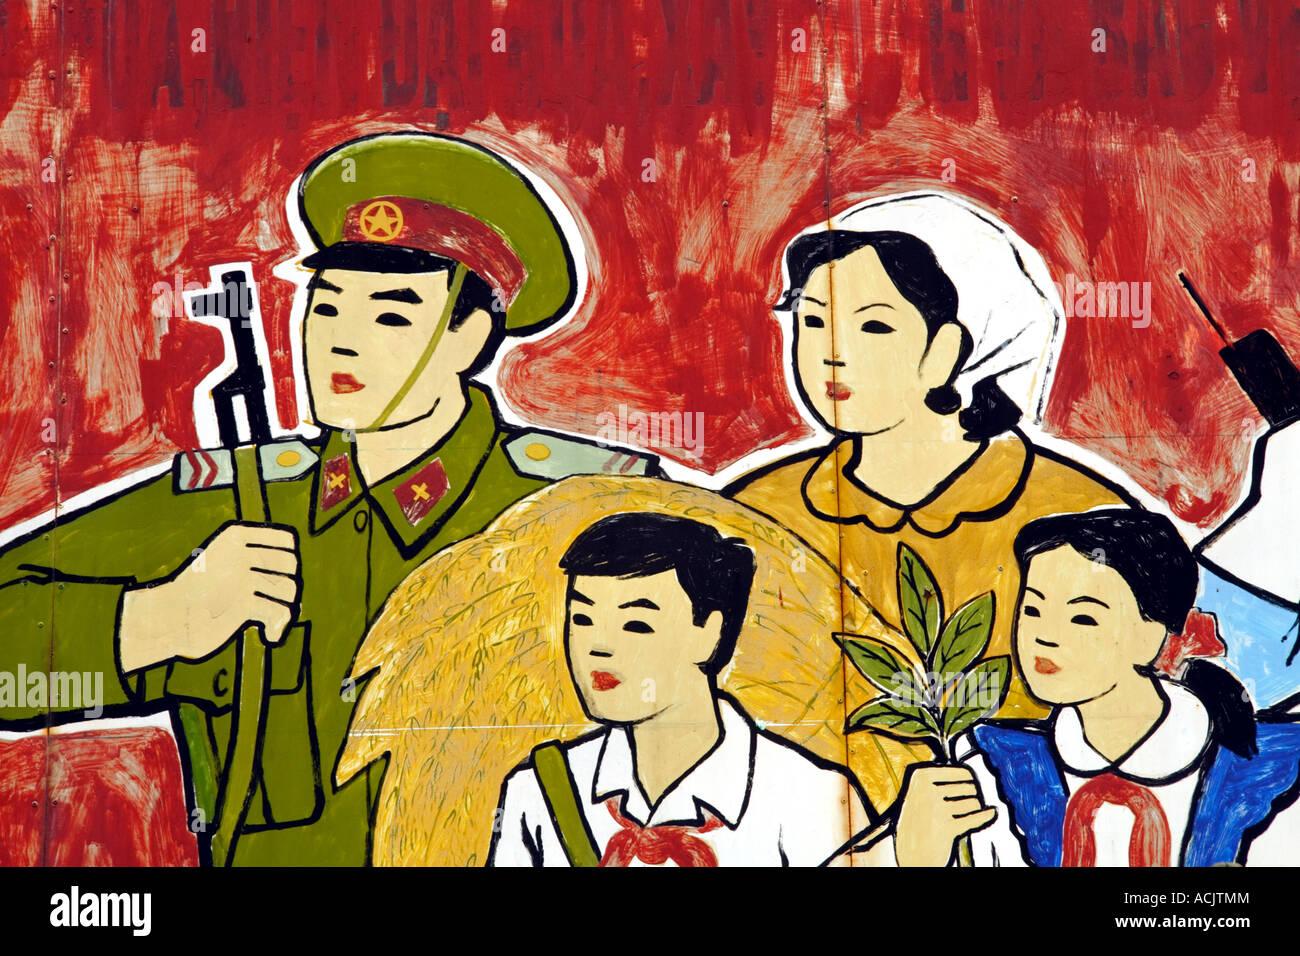 Vietnam Propaganda Vietnam War Stock Photos & Vietnam